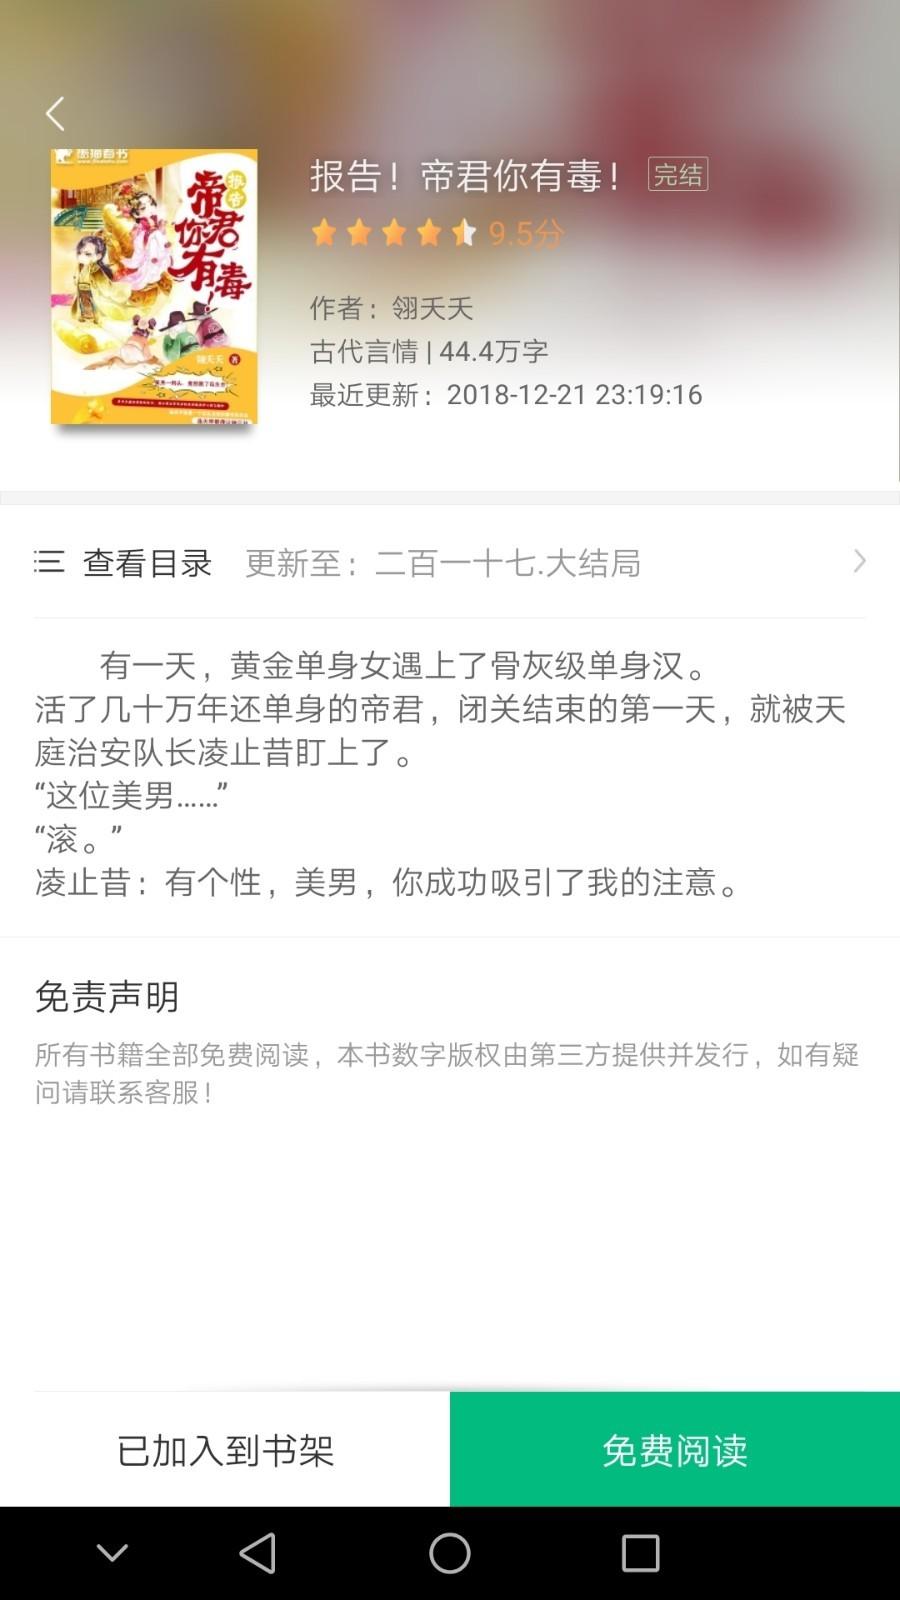 搜书侠 V1.5.0 安卓免费版截图1